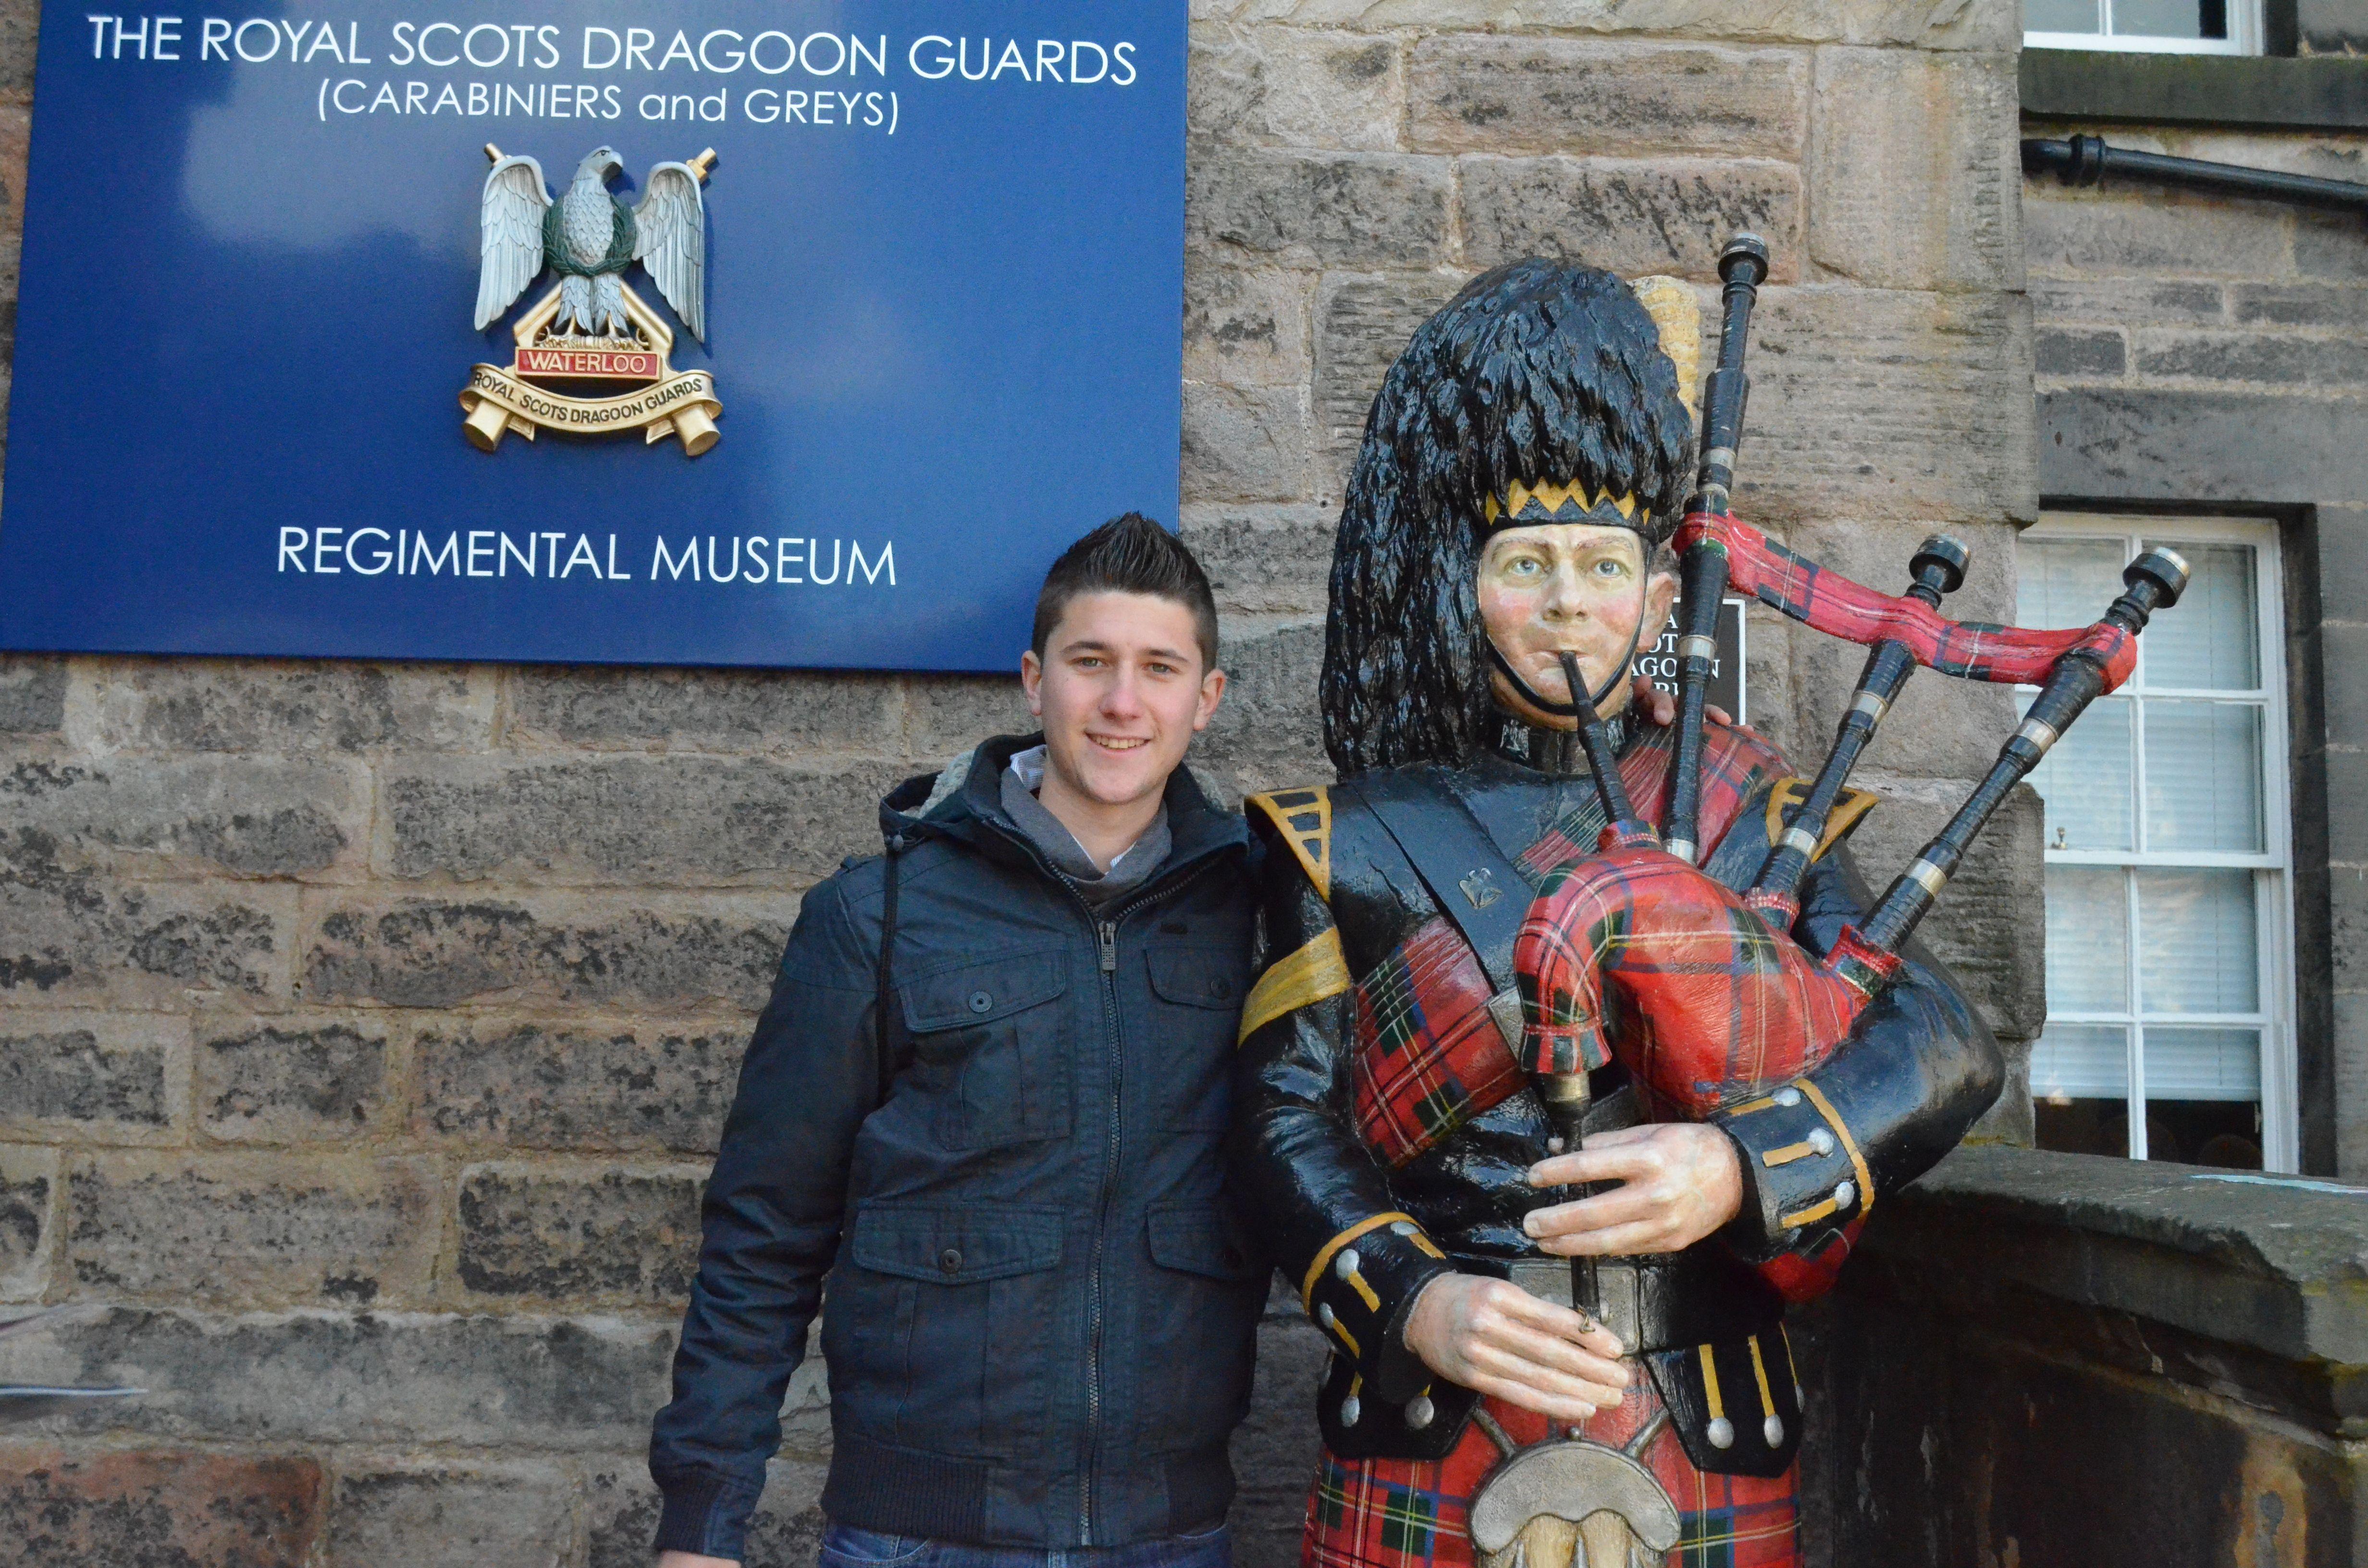 Museo regimental Castillo de Edimburgo